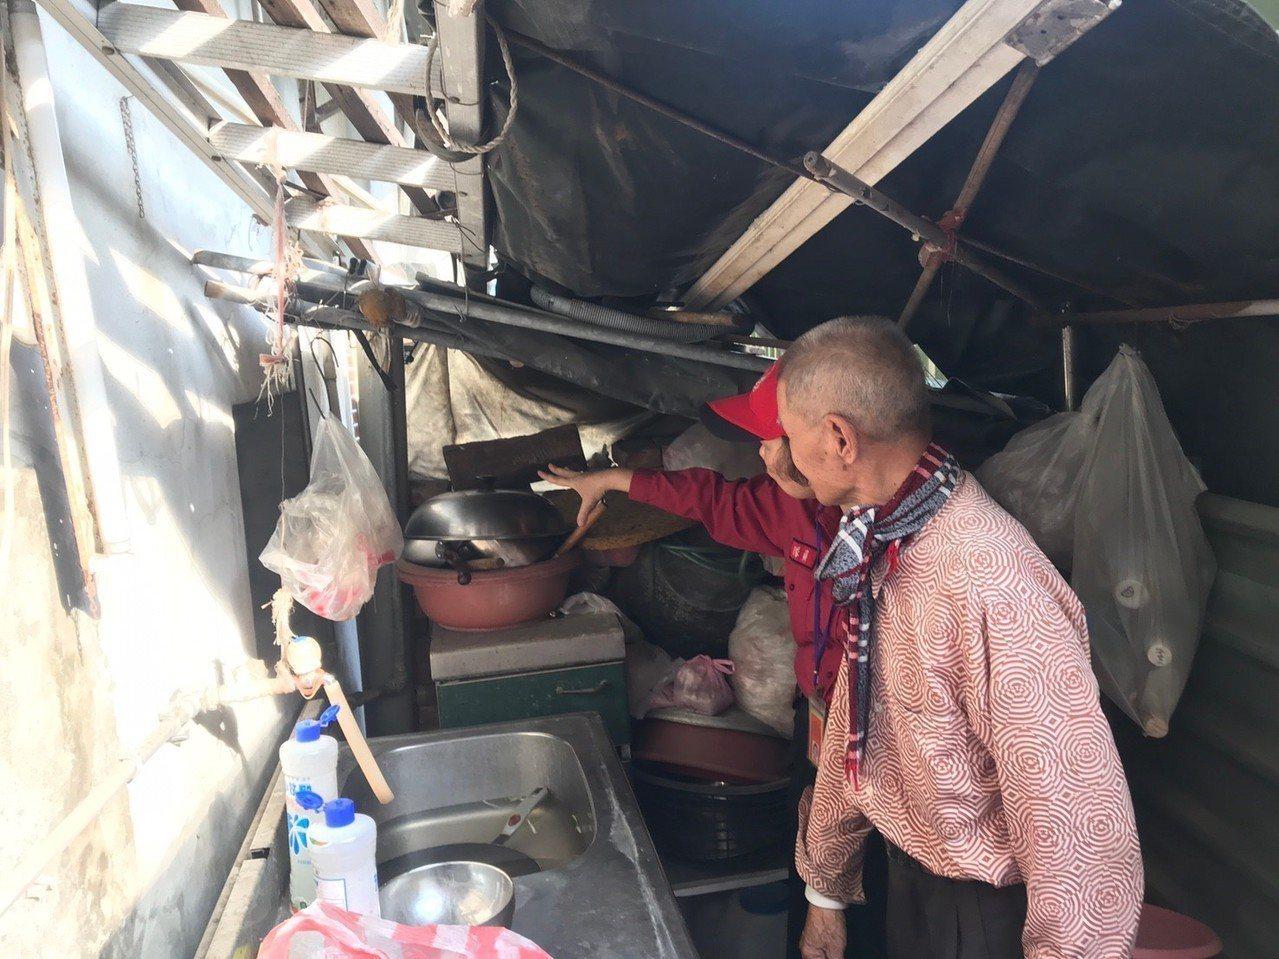 有些民眾會將住宅後門封死或者堆積廚具、家具等雜物,嚴重阻礙逃生。記者劉星君/翻攝